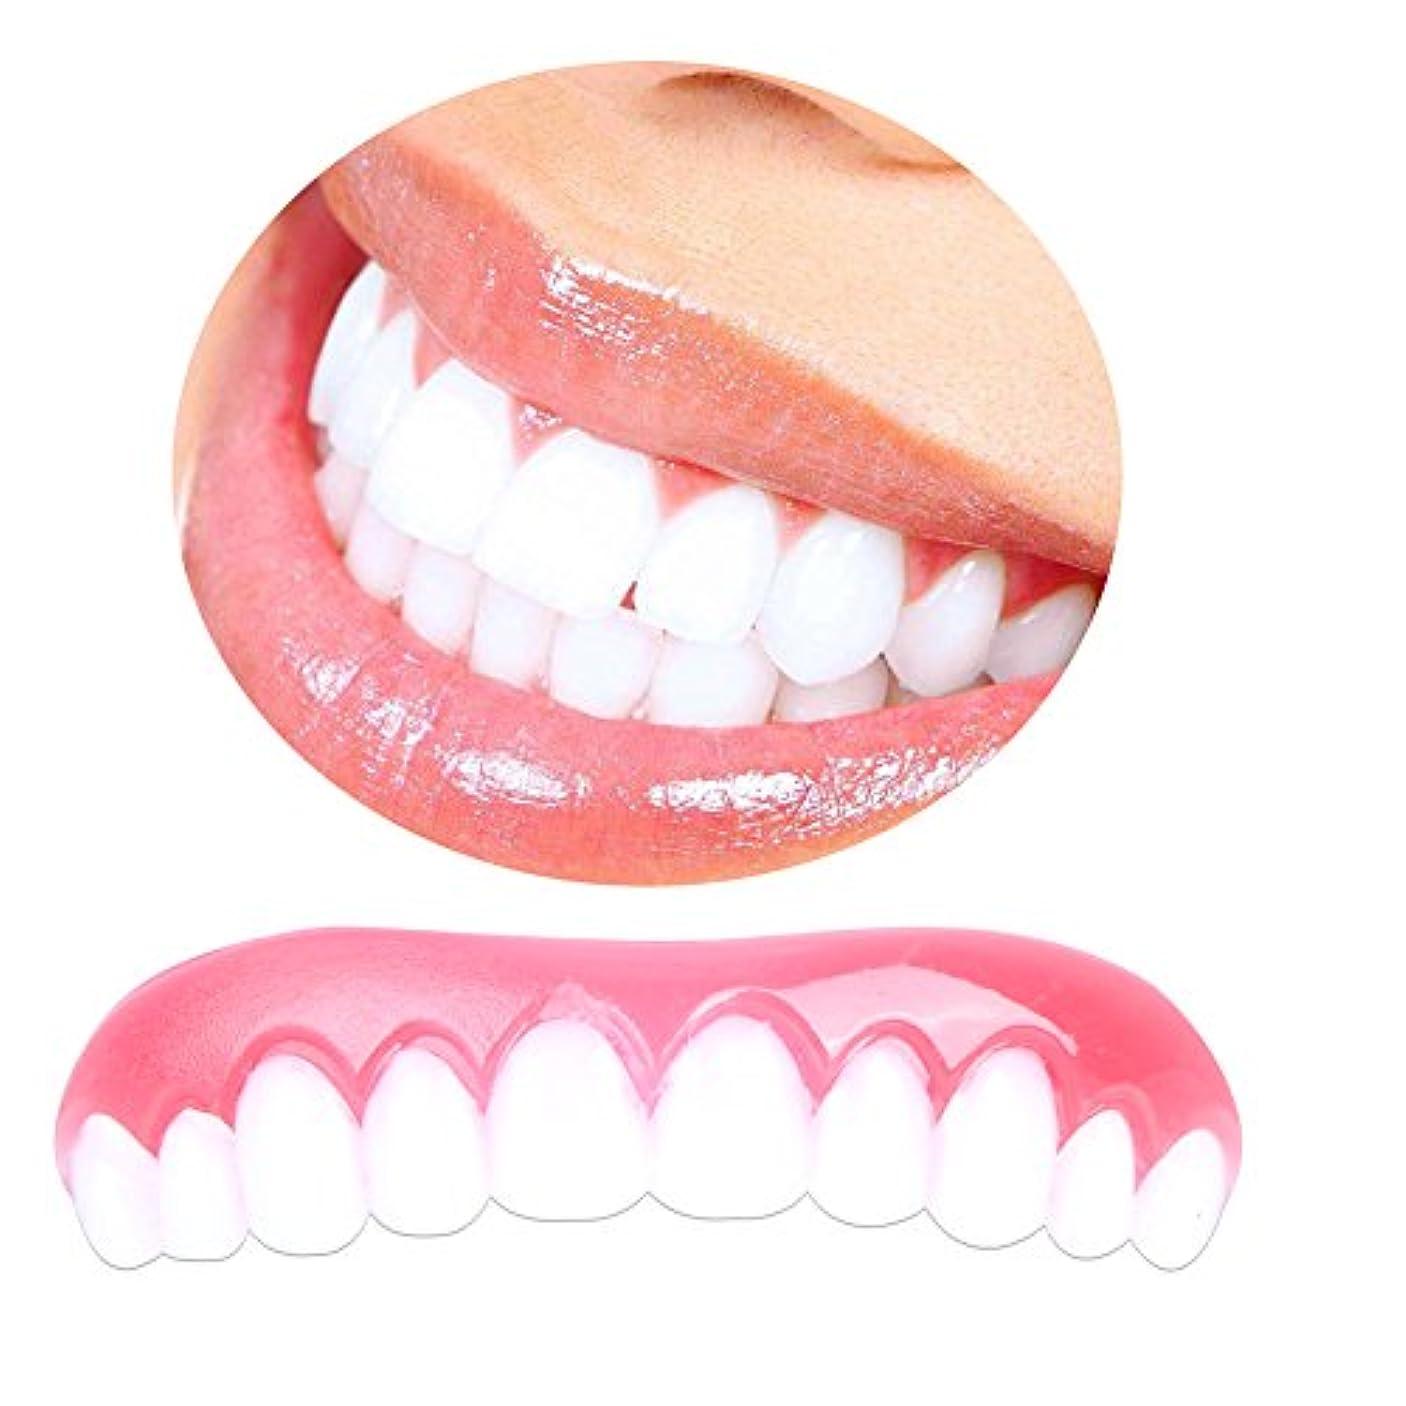 何かラッチサスペンドコンフォートフィットフレックス化粧品歯パーフェクトスマイルベニアダブの歯の矯正用ダブ歯用ホワイトパーフェクトスマイルベニア歯のホワイトニング-2個